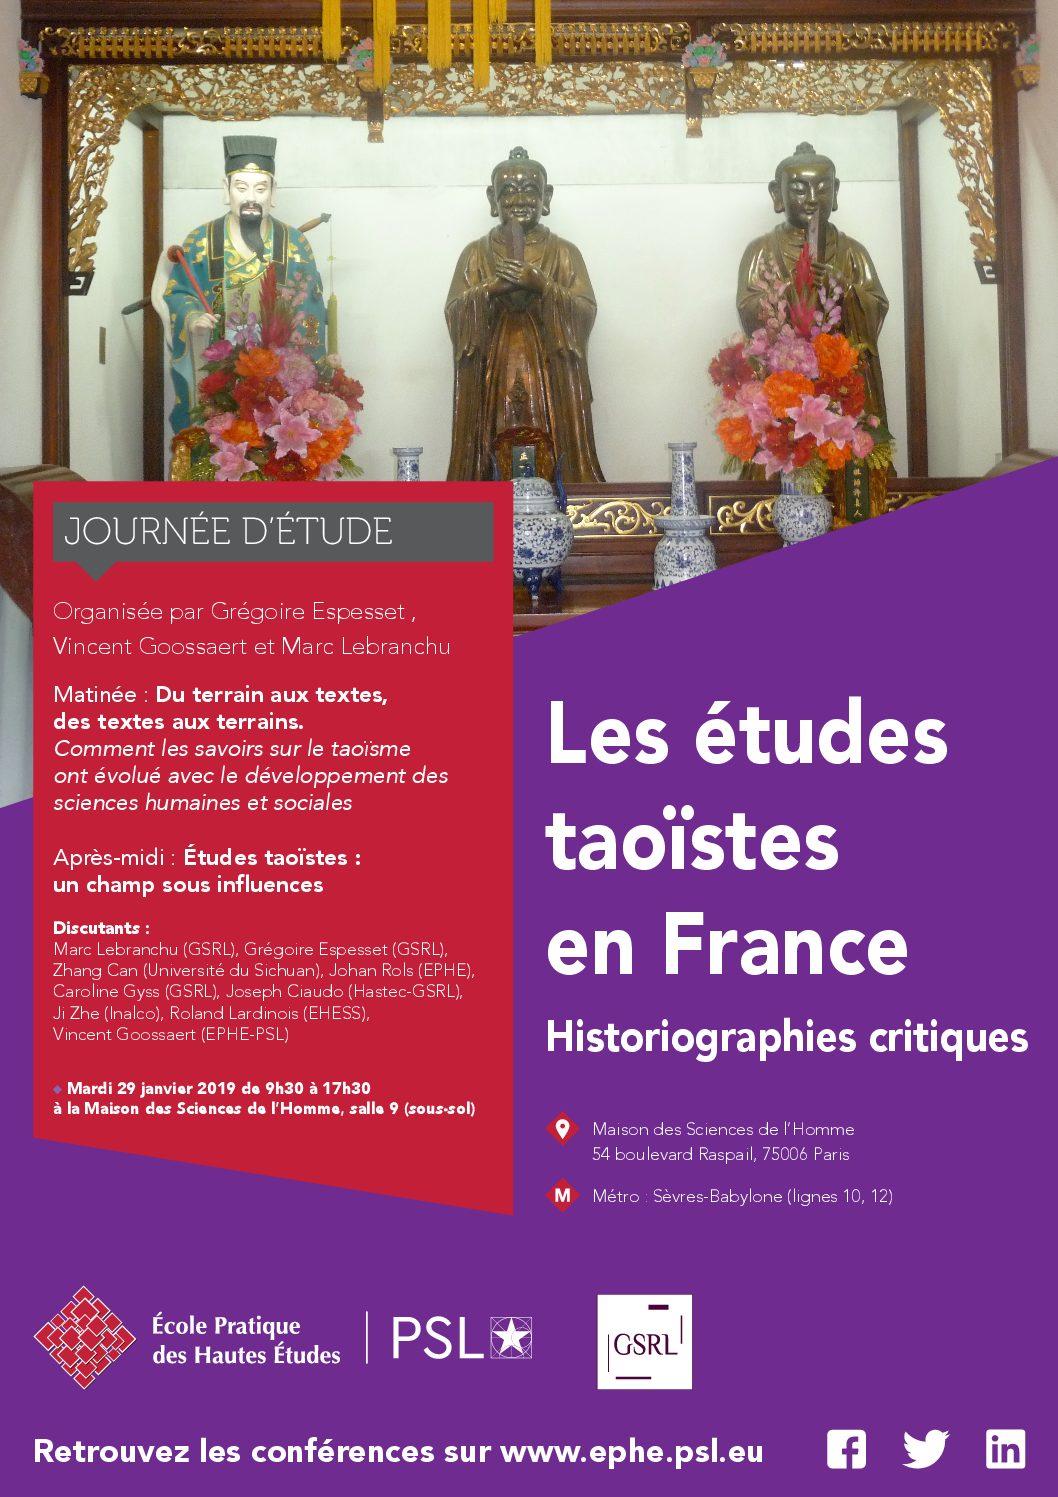 Mardi 29 janvier 2019 – Journée d'étude : Les études taoïstes en France : Historiographies critiques